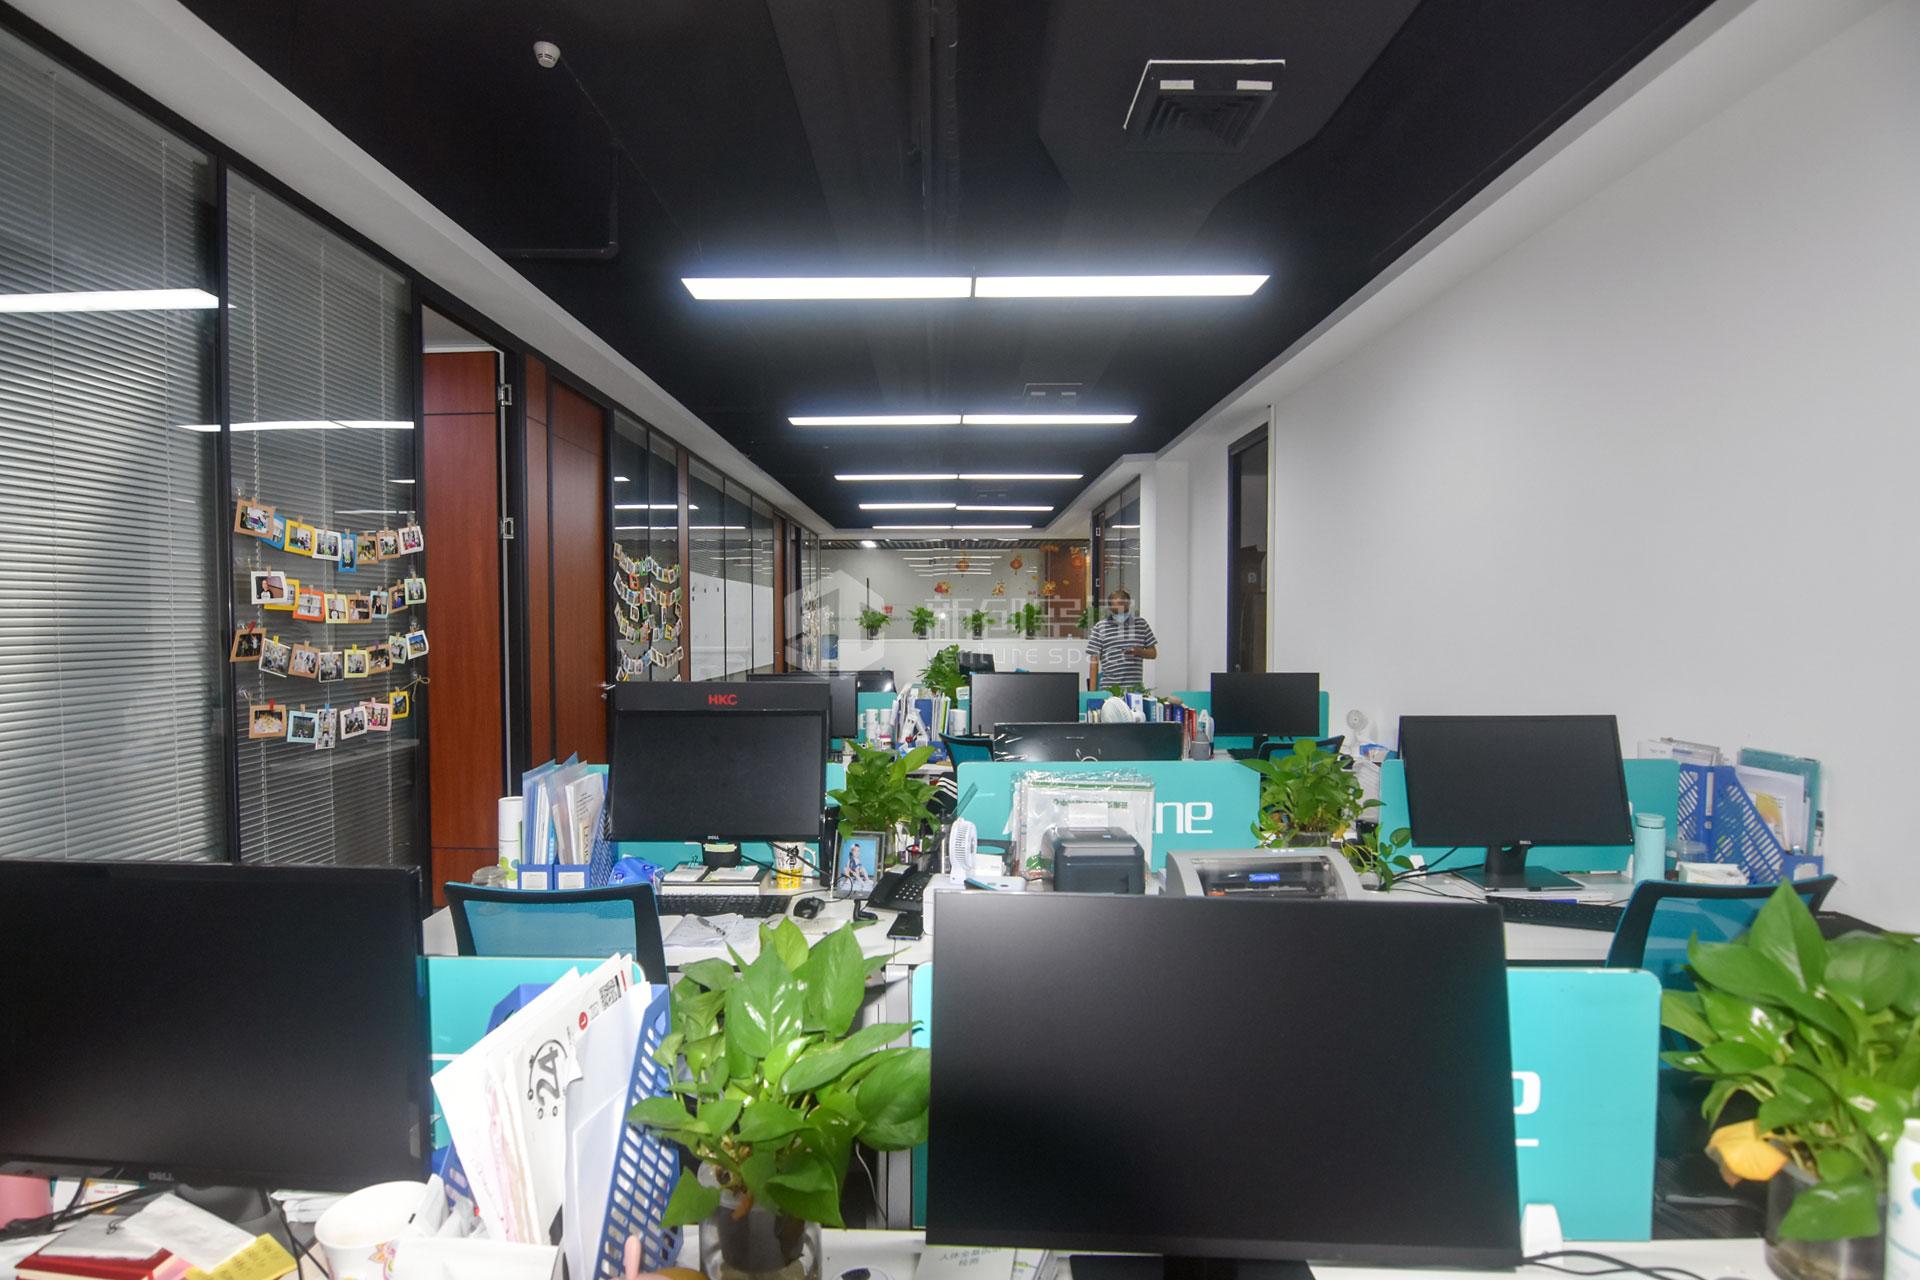 448m²·深圳虚拟大学园